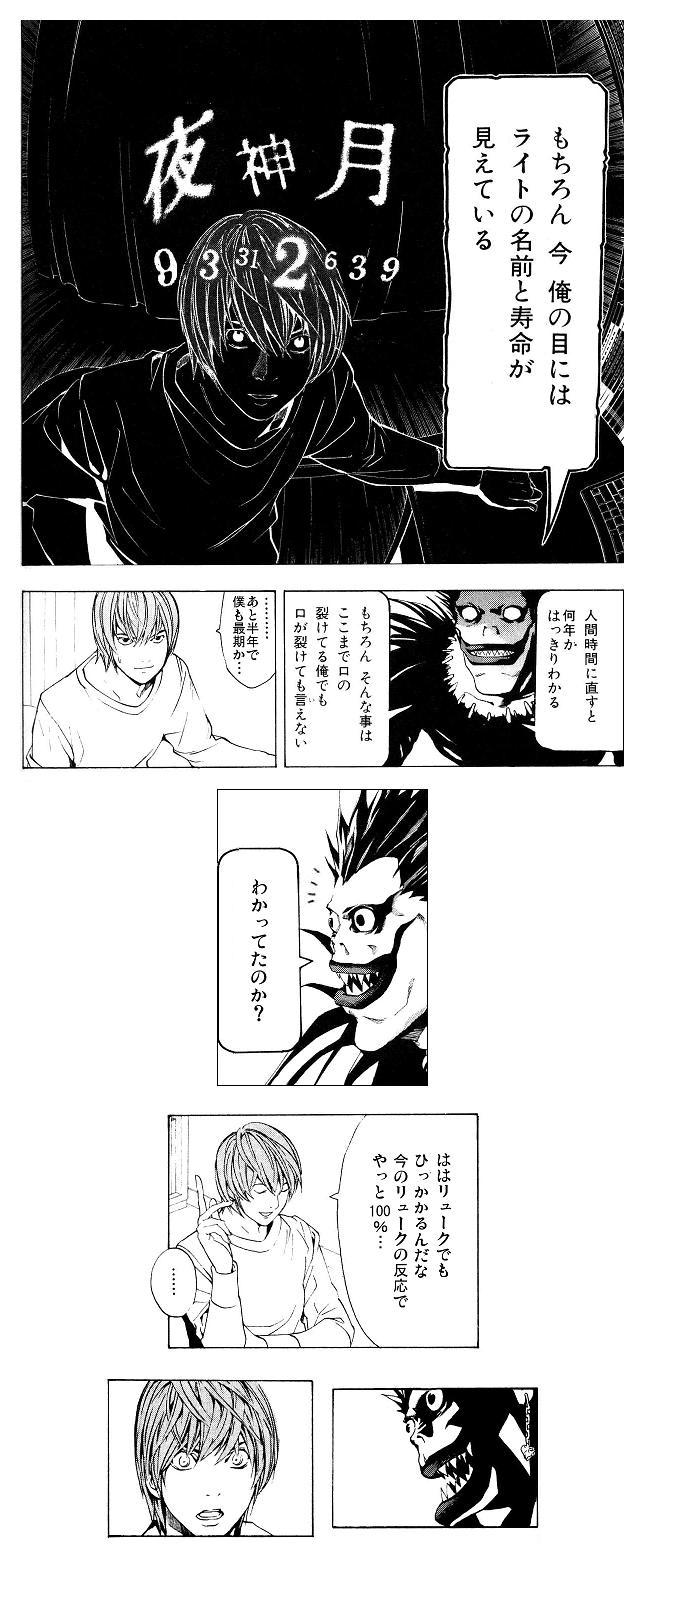 shinigami-no-me